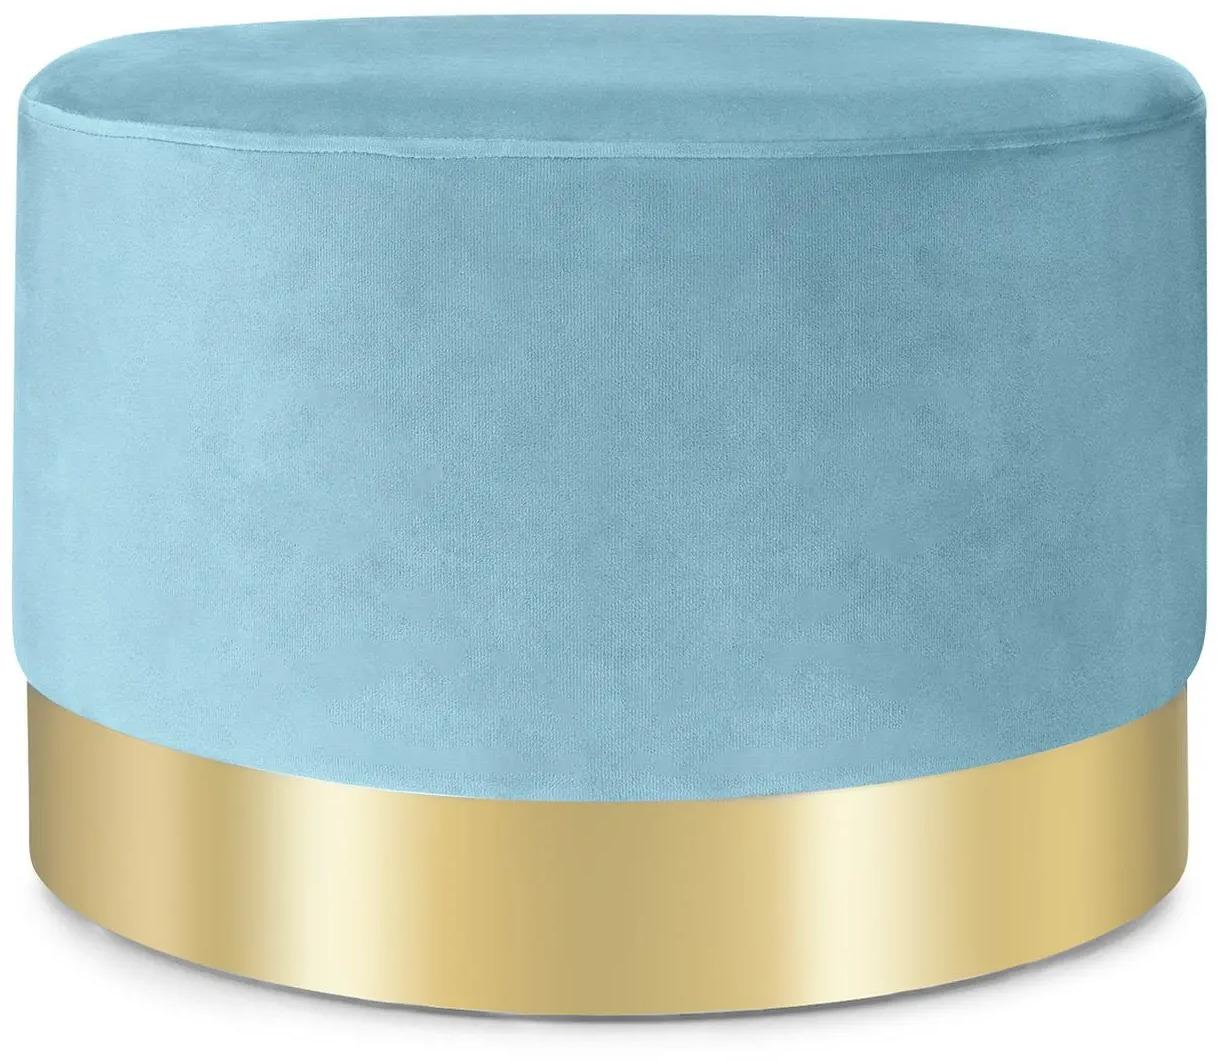 Besoa Bella, taburetka, 35 x 50 cm (V x Ø), zamat, petrolejová